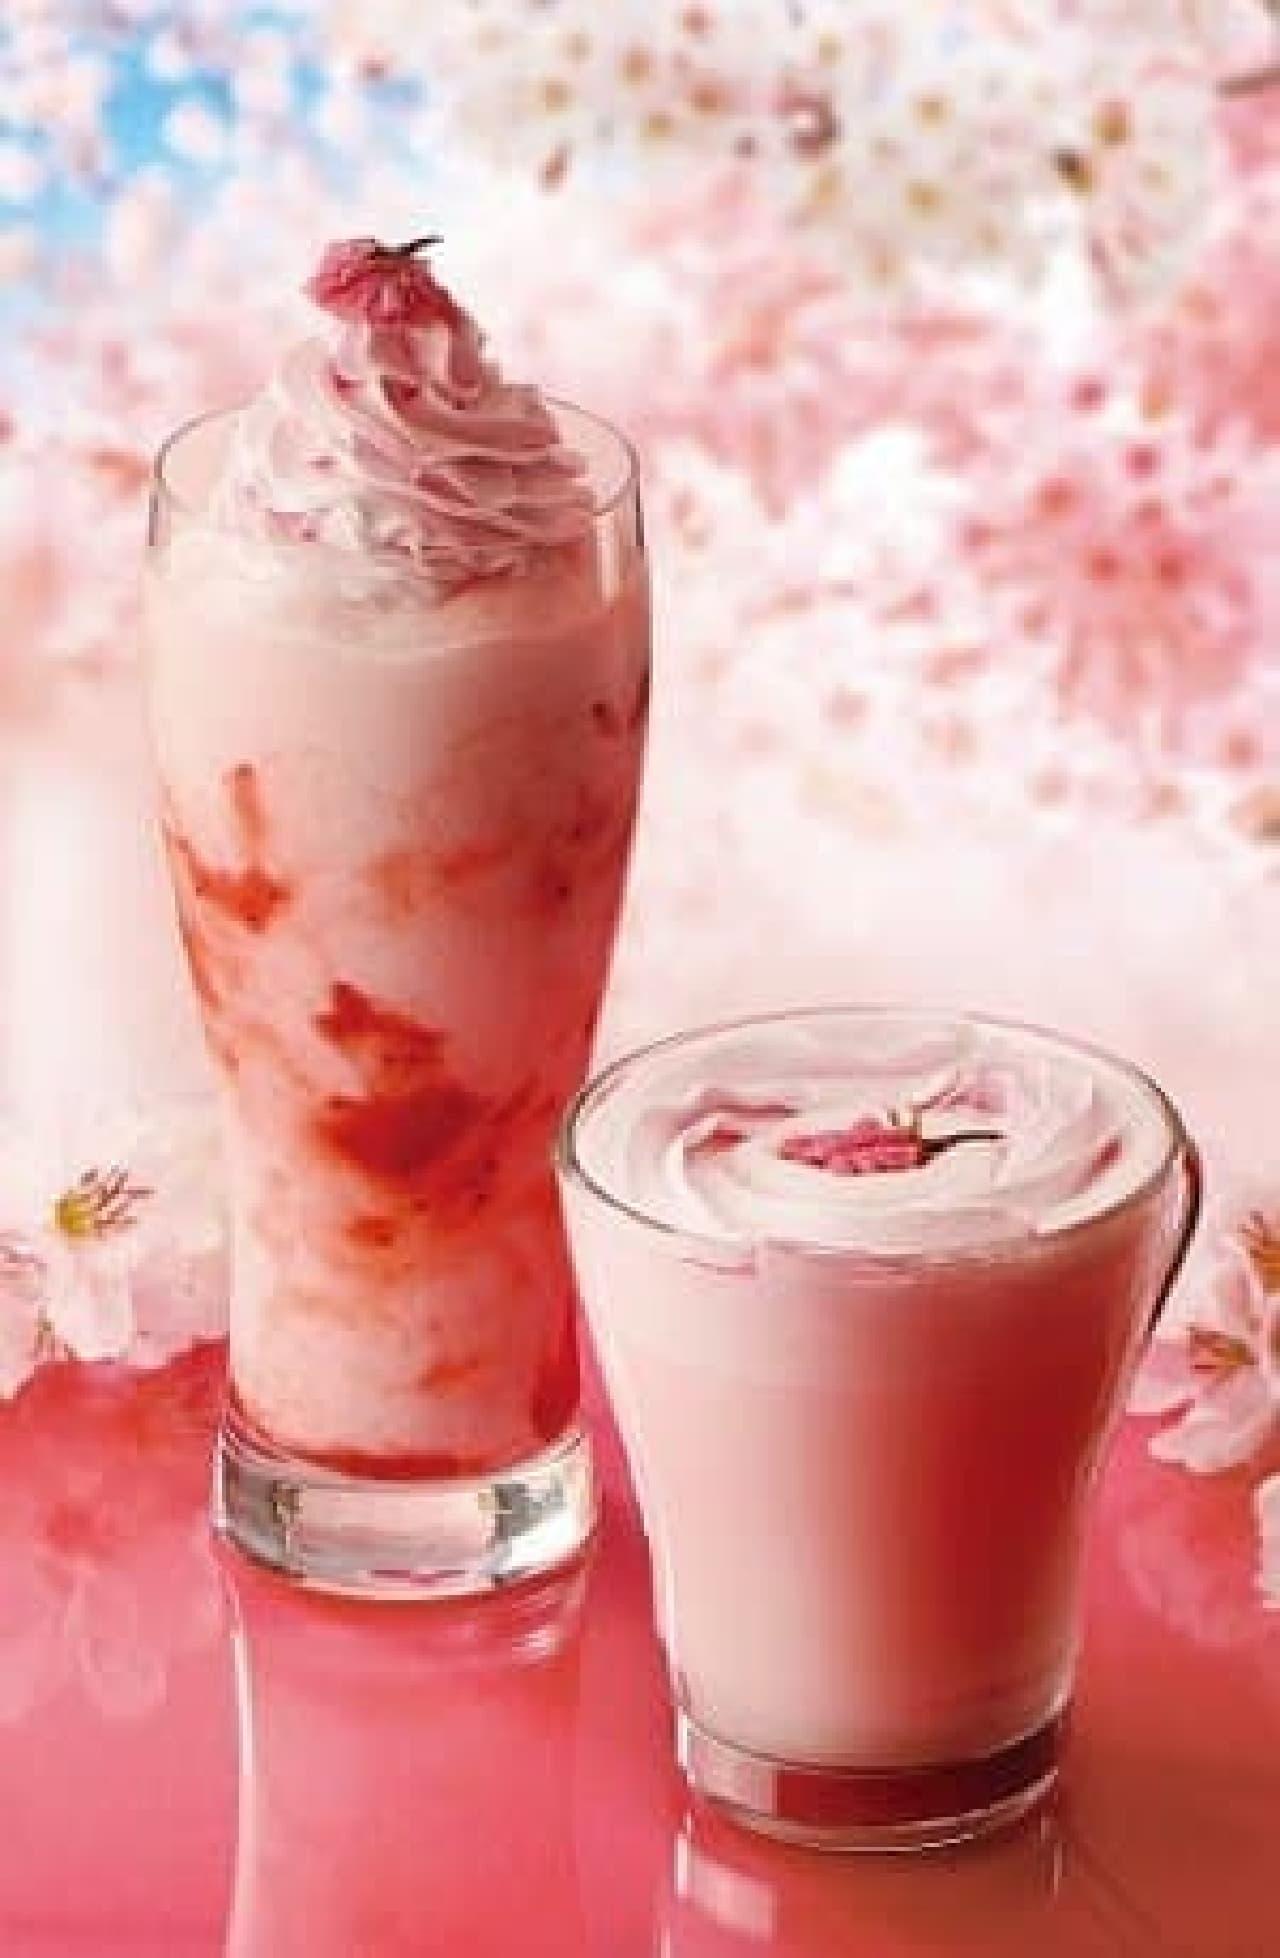 カフェ・ド・クリエ「桜ホイップラテ」「ソルベージュ 桜&いちご」